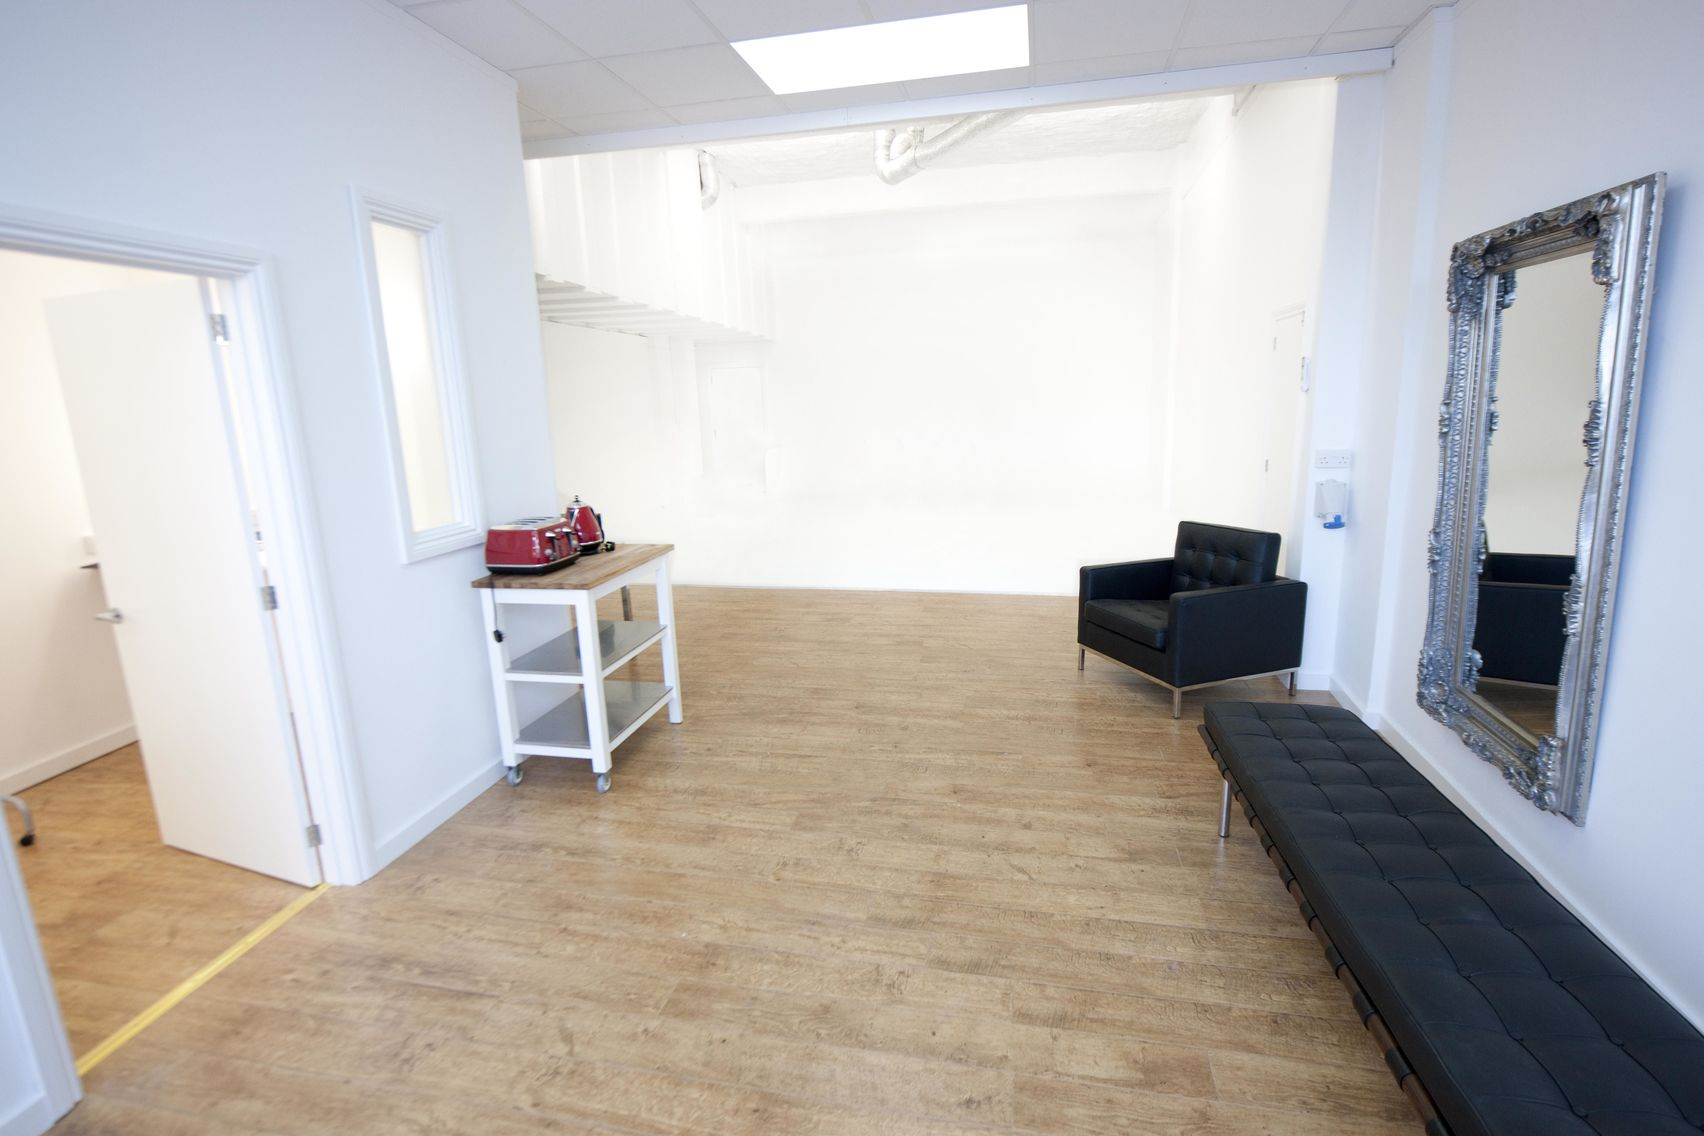 Studio 3, Cherryduck Studios